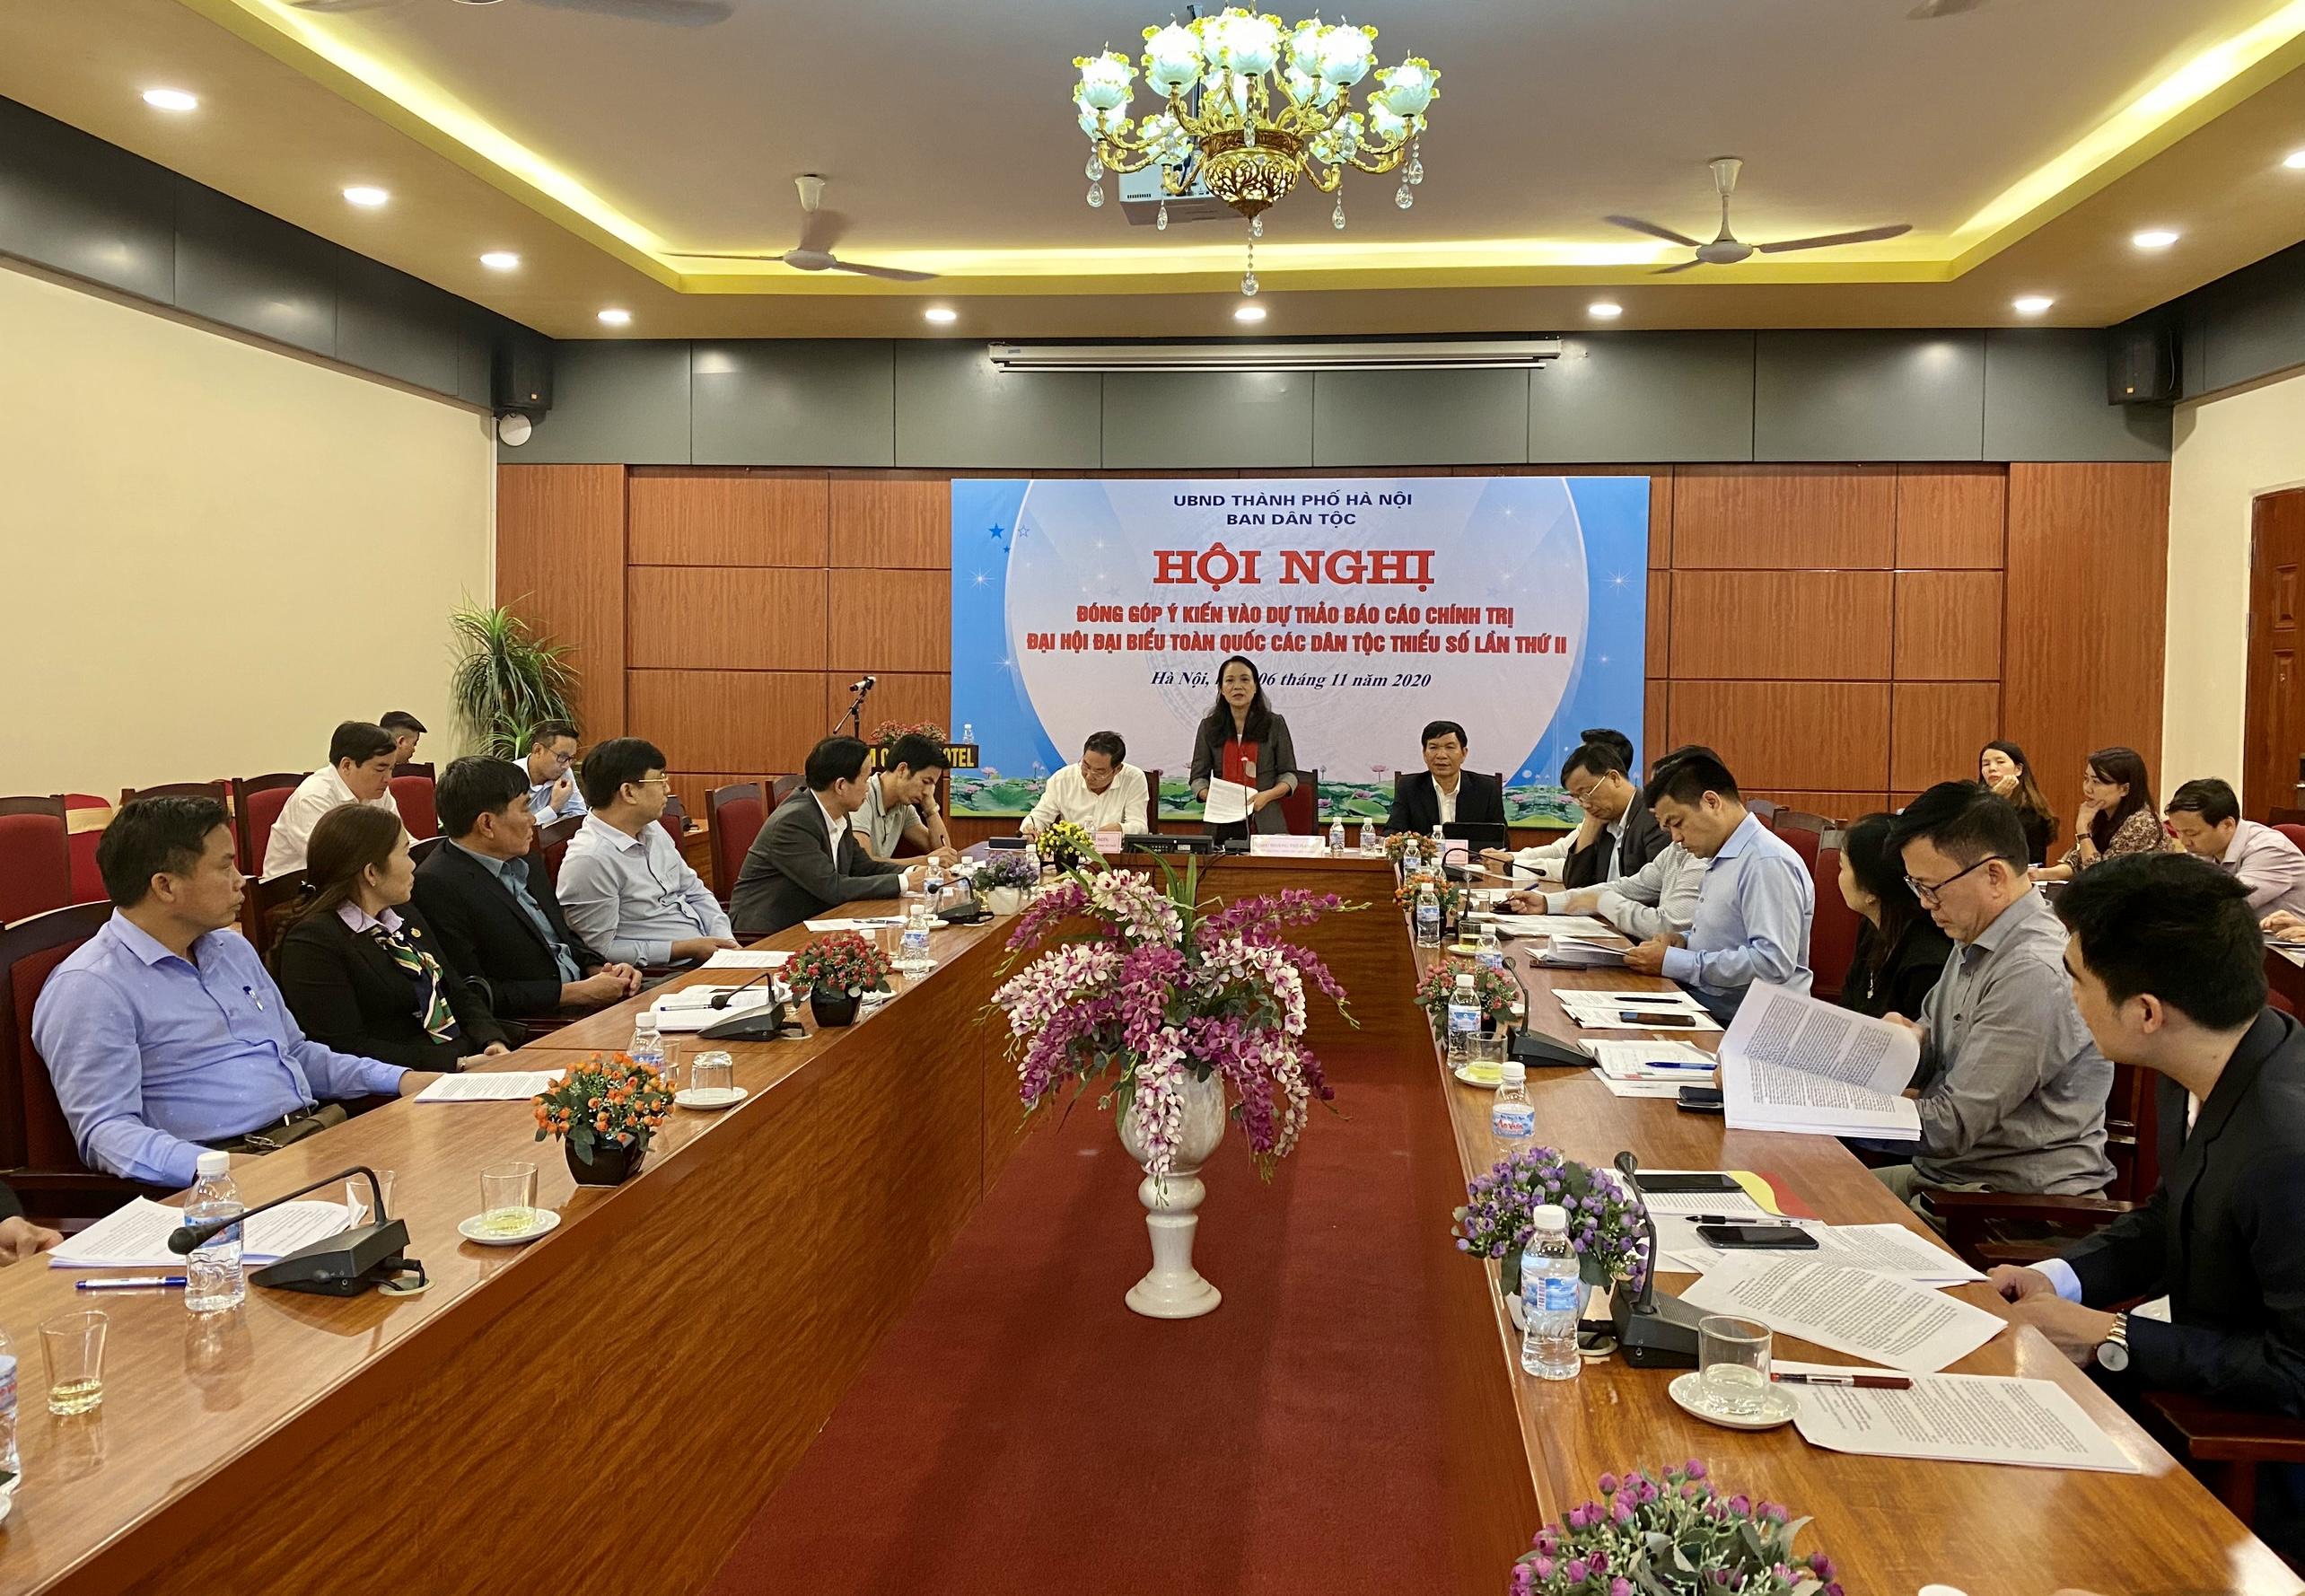 Thứ trưởng, Phó Chủ nhiệm UBDT Hoàng Thị Hạnh - Phó trưởng Ban Tổ chức Đại Đại biểu các DTTS Việt Nam lần thứ II phát biểu tại Hội nghị